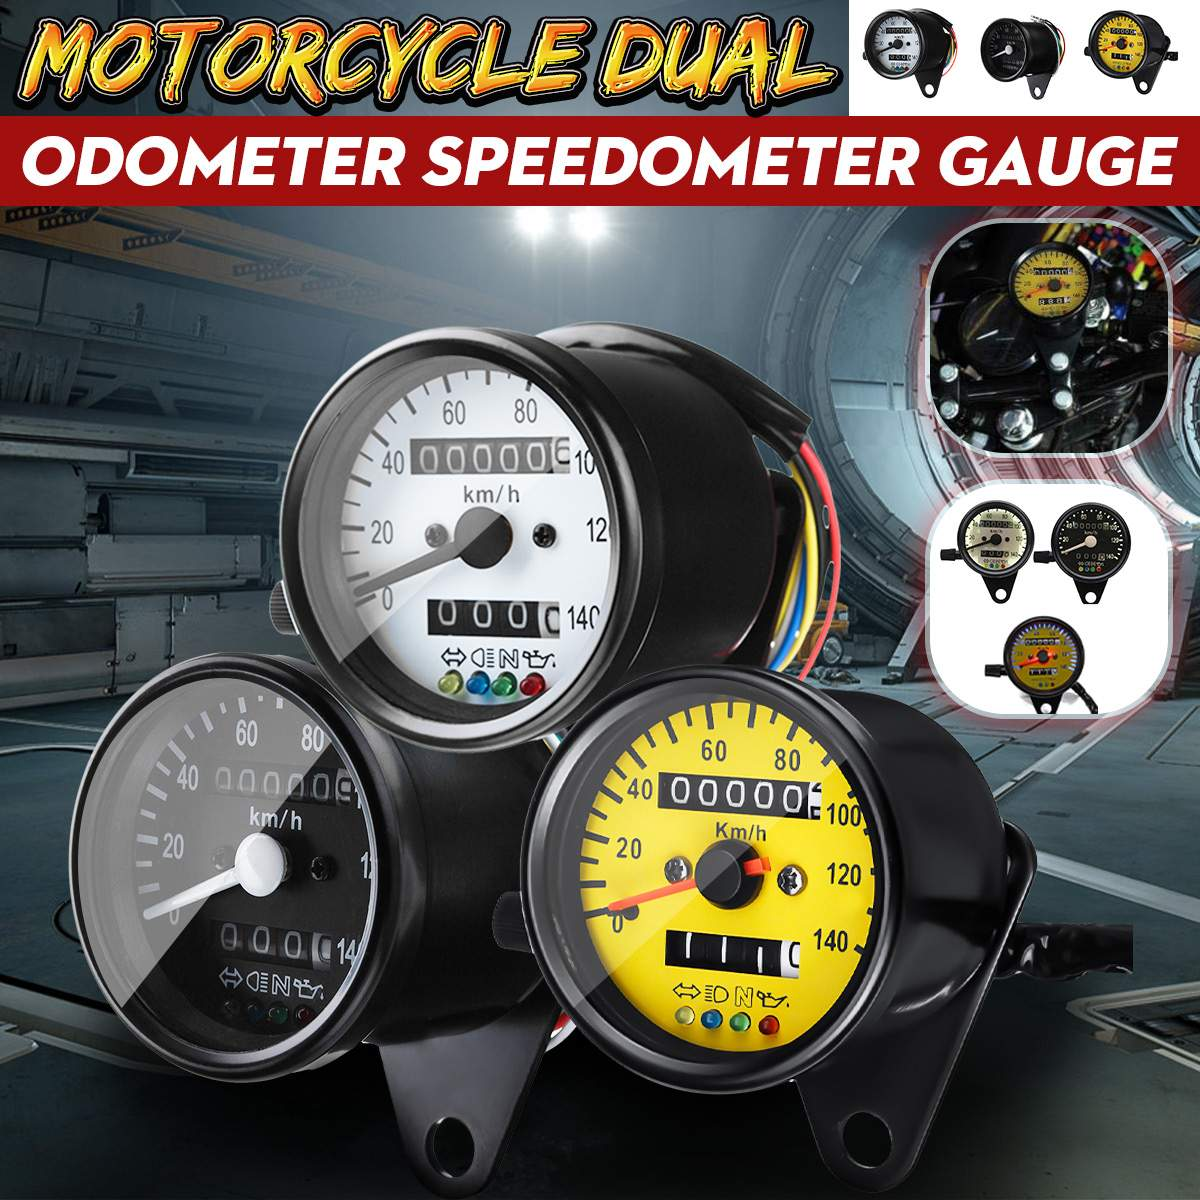 Universal motocicleta retroiluminación LED doble odómetro KM/H medidor de velocímetro Retro Vintage tacómetro